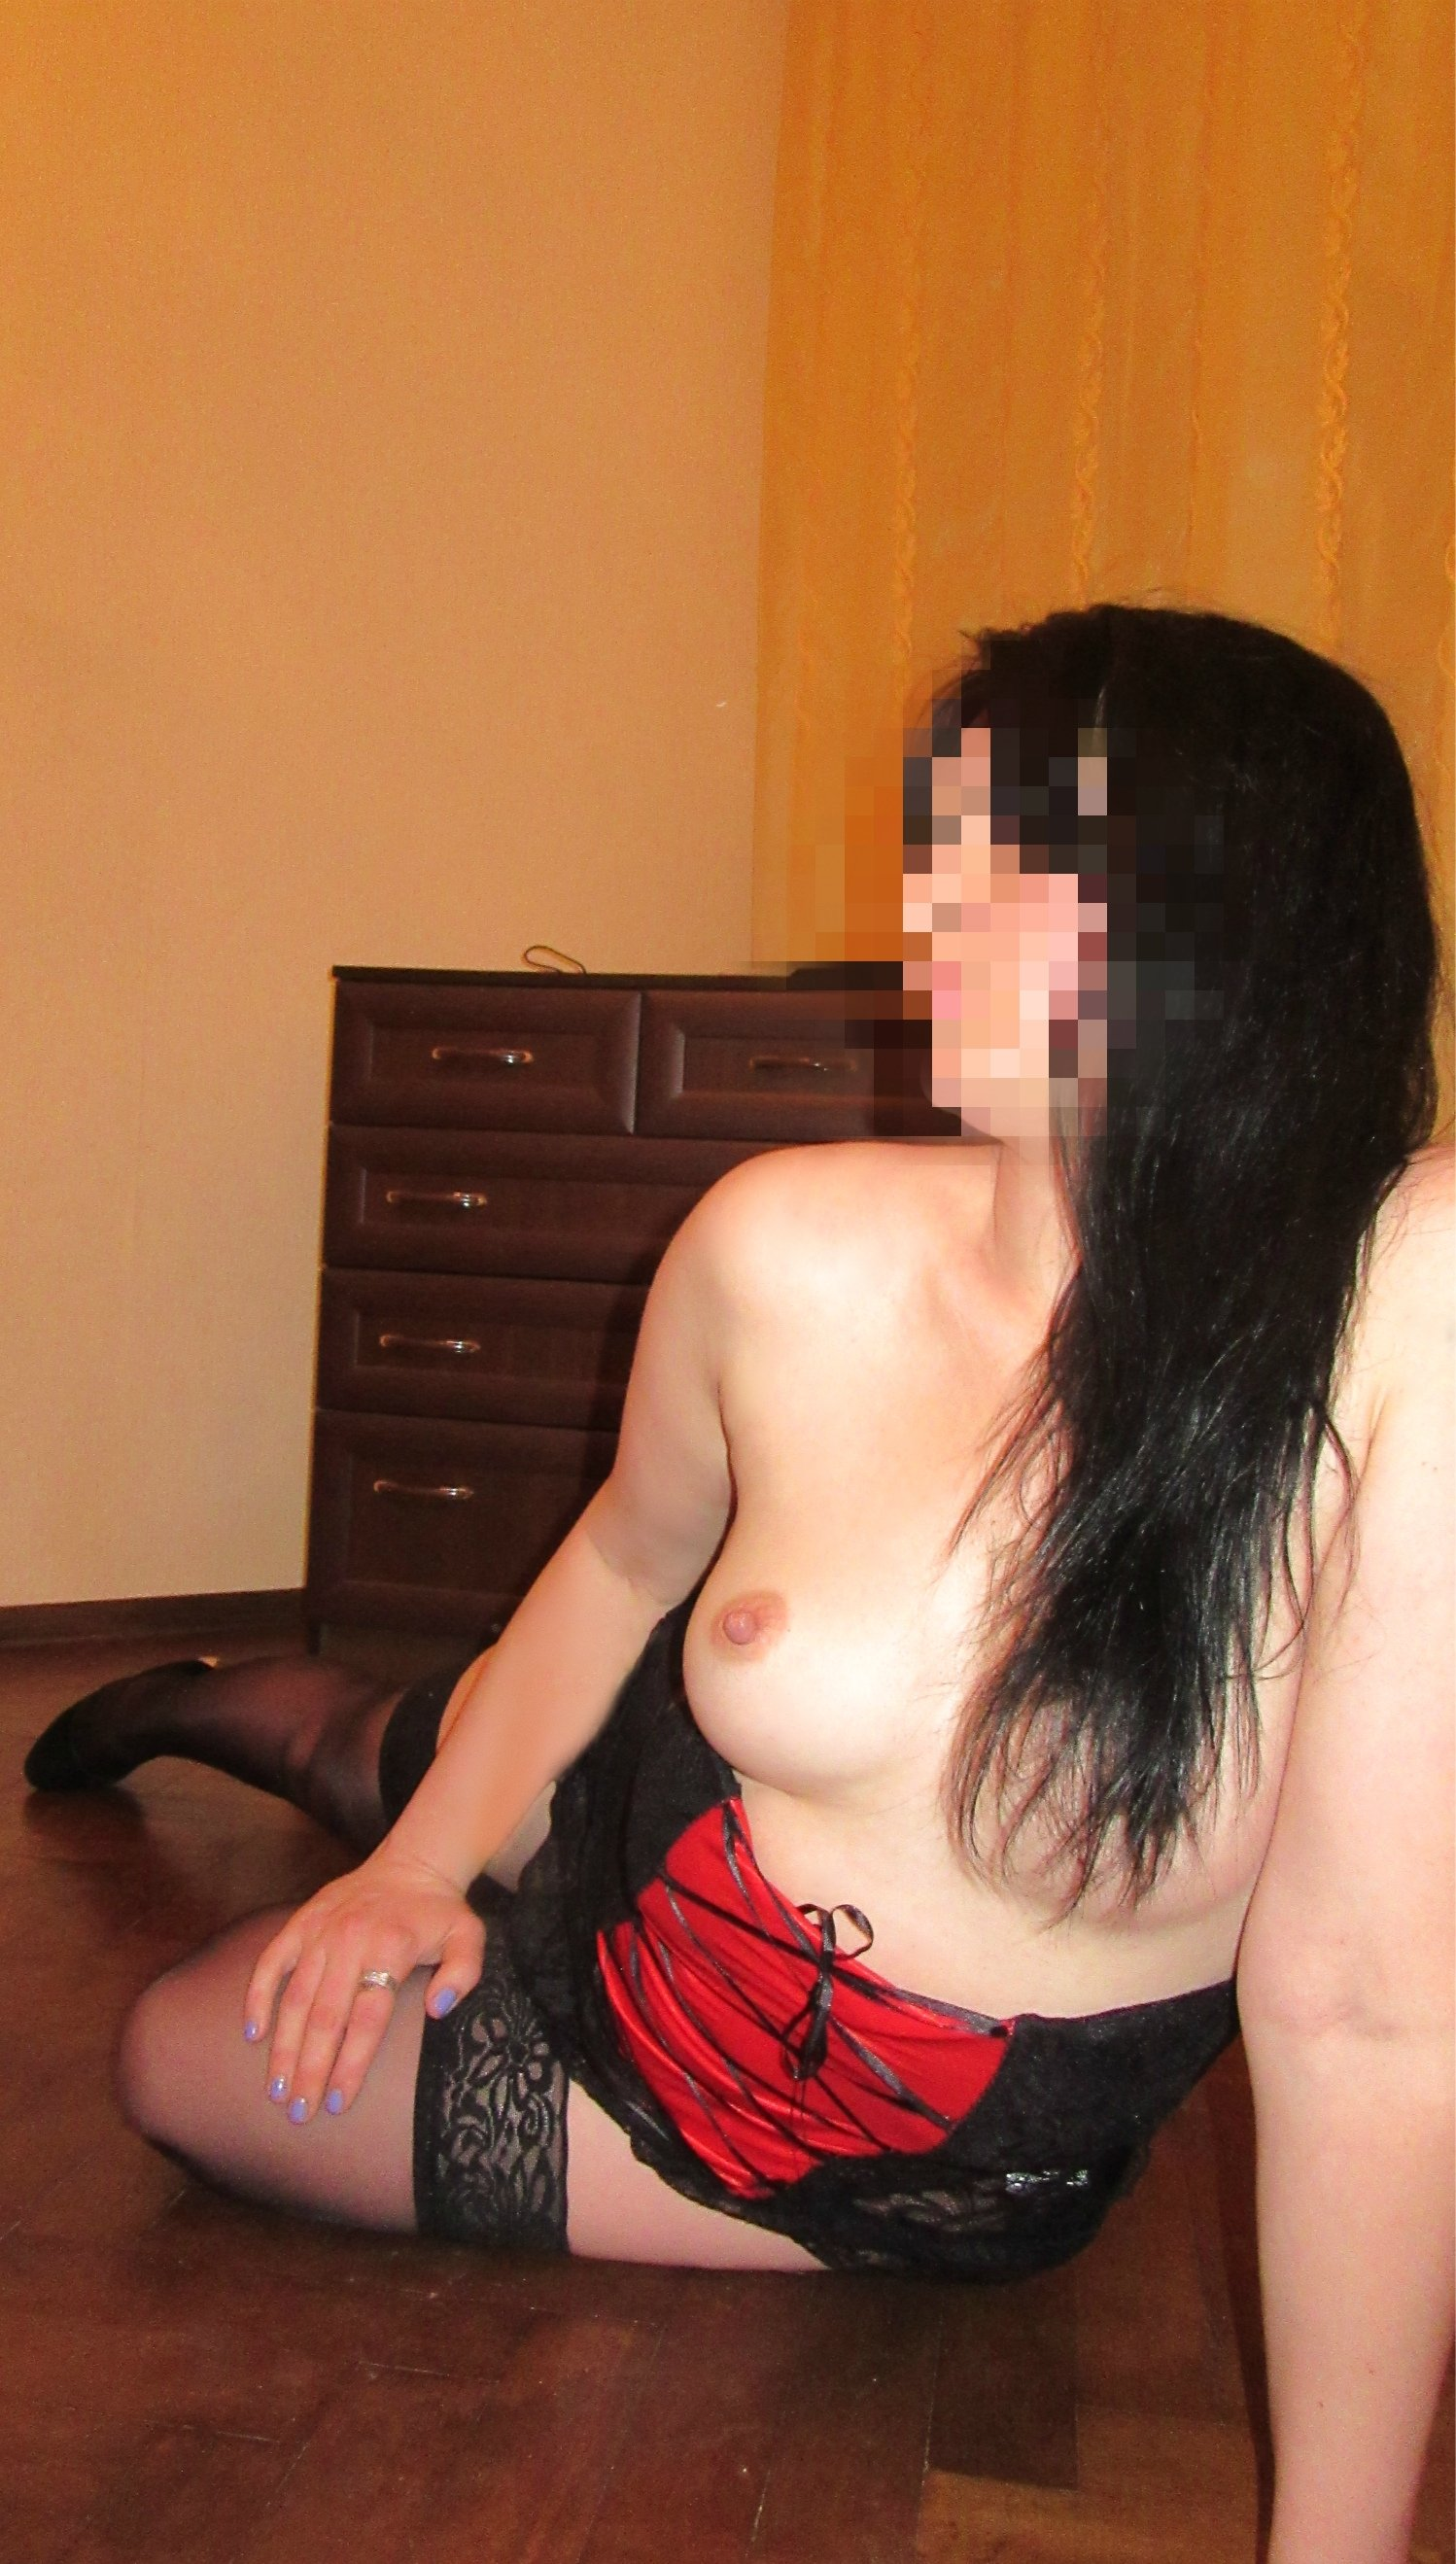 proverenniy-sayt-prostitutok